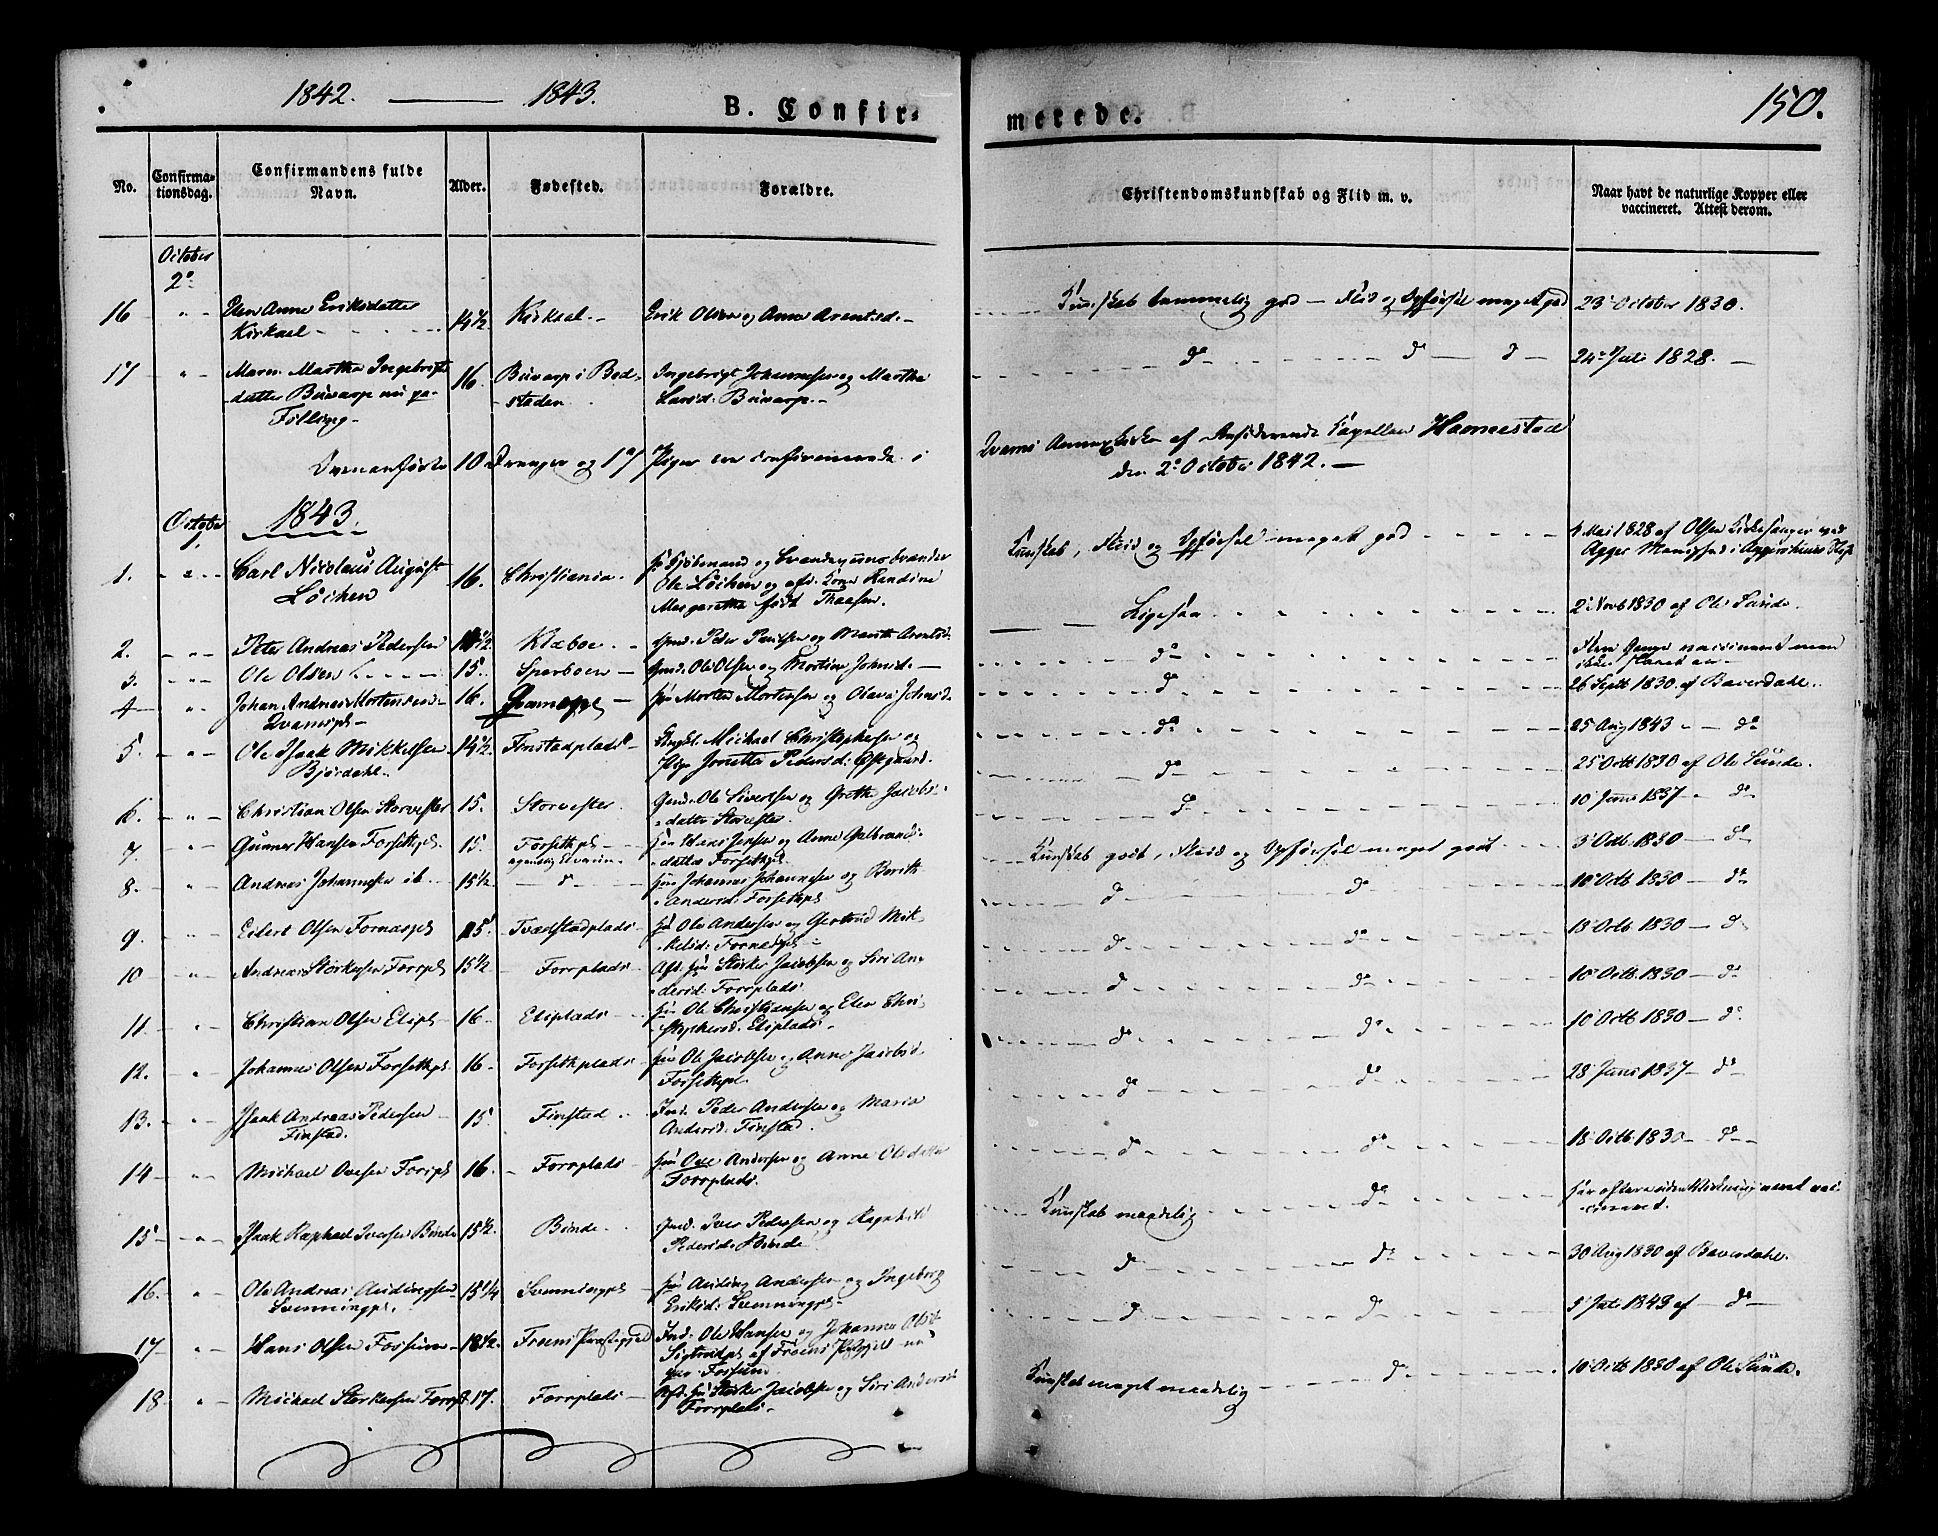 SAT, Ministerialprotokoller, klokkerbøker og fødselsregistre - Nord-Trøndelag, 746/L0445: Ministerialbok nr. 746A04, 1826-1846, s. 150